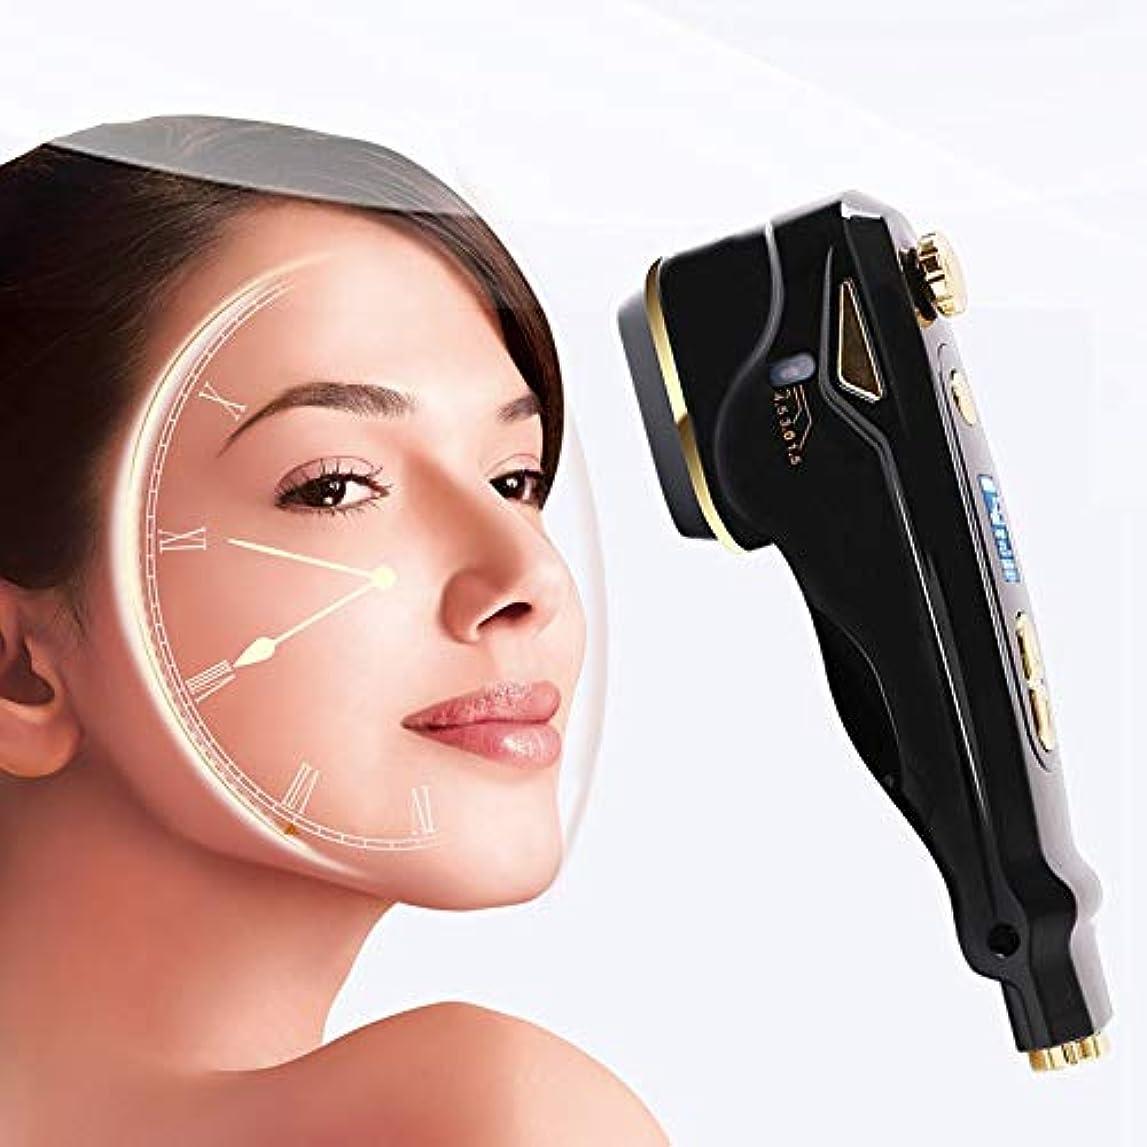 脱臼する改革移住するそばかすを明るくするために使用されるフェイシャル美容機器、フェイシャルマッサージャー、ホームビューティーサロン、肌を引き締め、ダークサークルとアイバッグを暗くする